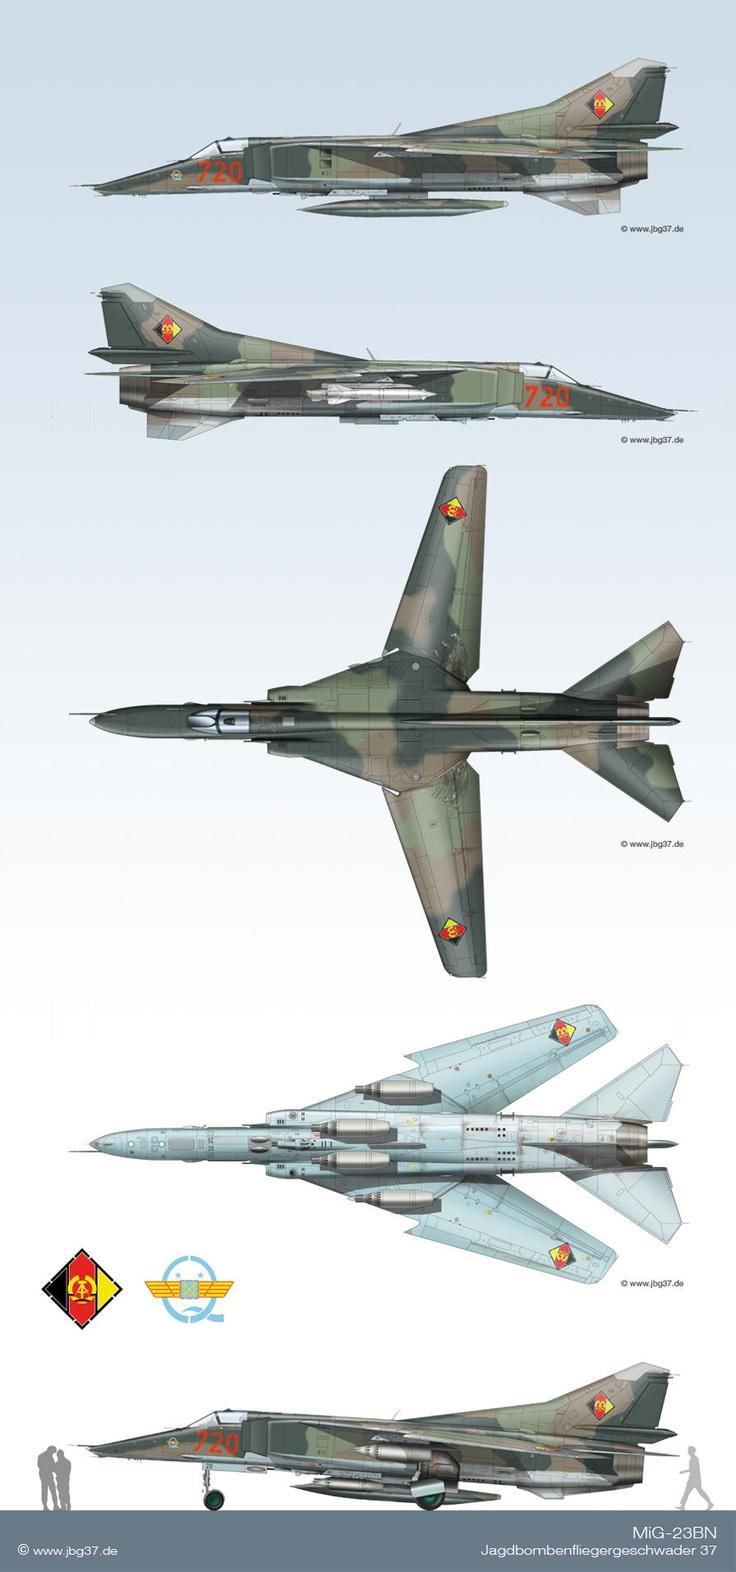 """Das Tarnschema der MiG-23BN im JBG-37 orientierte sich an dem in den """"Warschauer Vertrags Staaten"""" üblichen Schema. Dennoch gab es für Flugzeuge   des Geschwaders kein einheitliches Tarnschema. Jede einzelne Maschine hatte ein mehr oder weniger  """"individuelles Tarnschema"""".   Dies ergab sich daraus, das während der periodischen Kontrollen in der KRS Ausbesserungen, je nach Situation, frei ausgeführt wurden.  Auch gab es Unterschiede in den Chargen der verwendeten BUNA - Farben."""